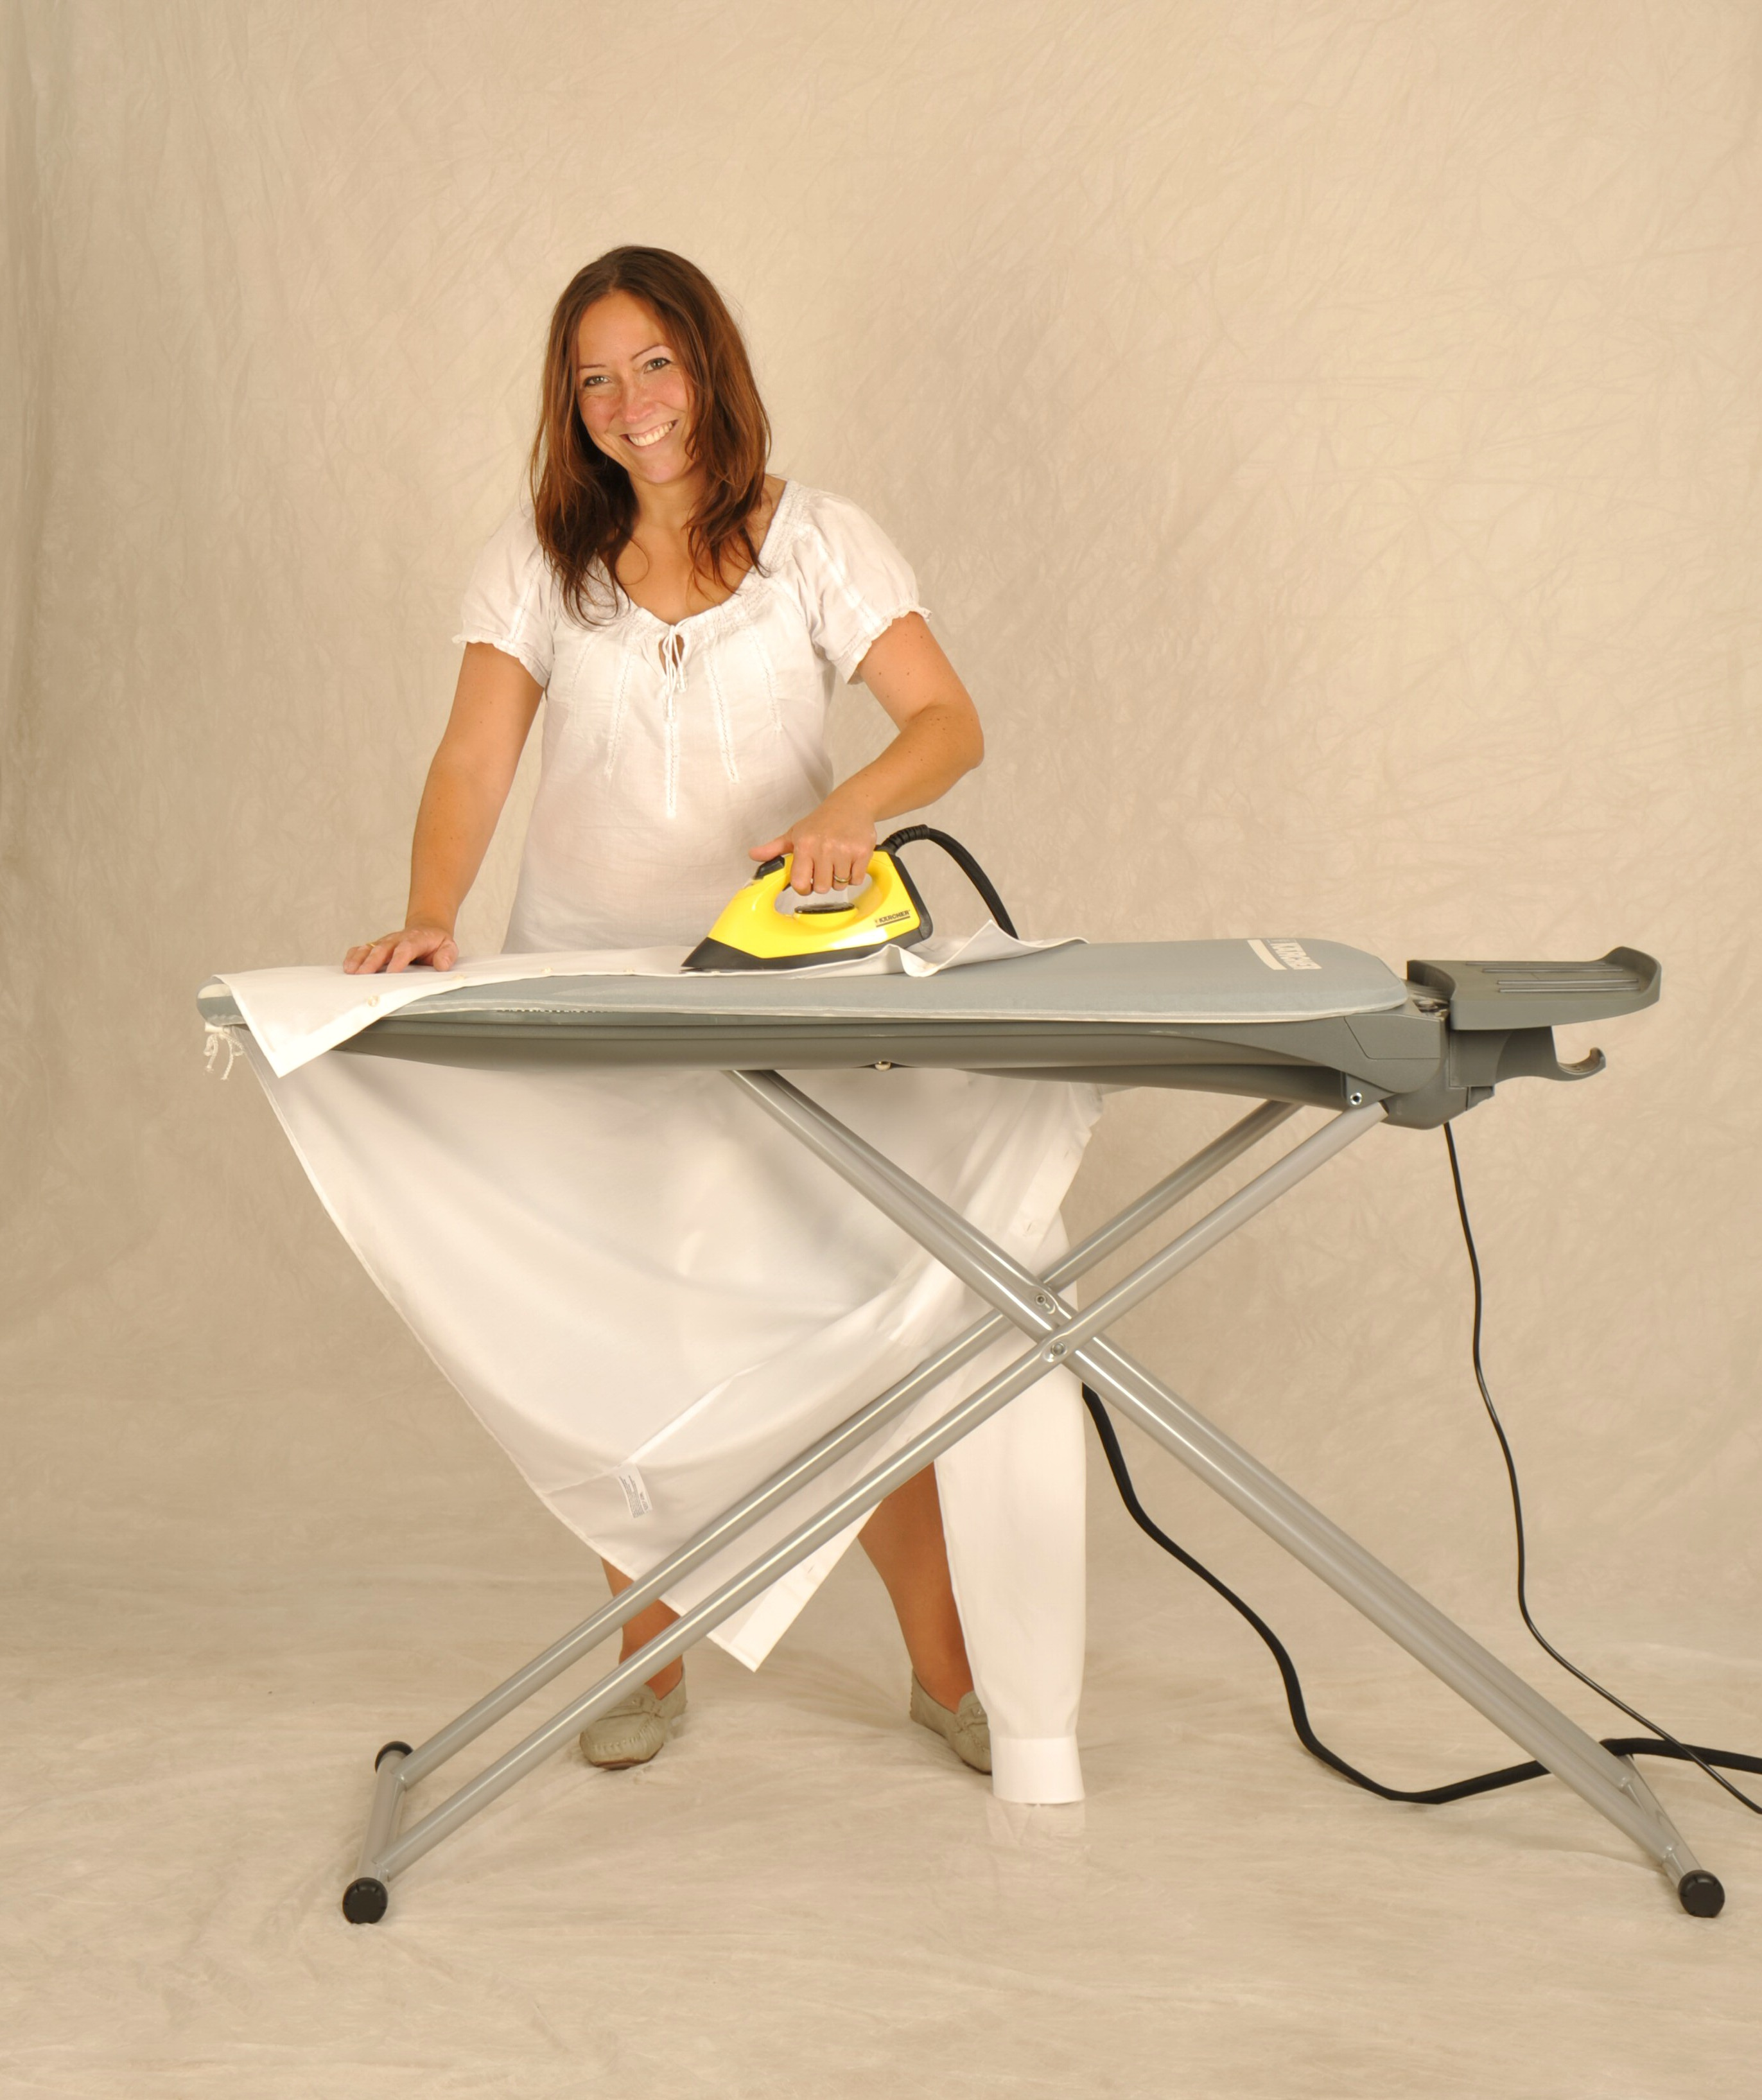 b geln mit einem dampfb geleisen auf den dampfdruck kommt es an dampfsauger und dampfstaubsauger. Black Bedroom Furniture Sets. Home Design Ideas